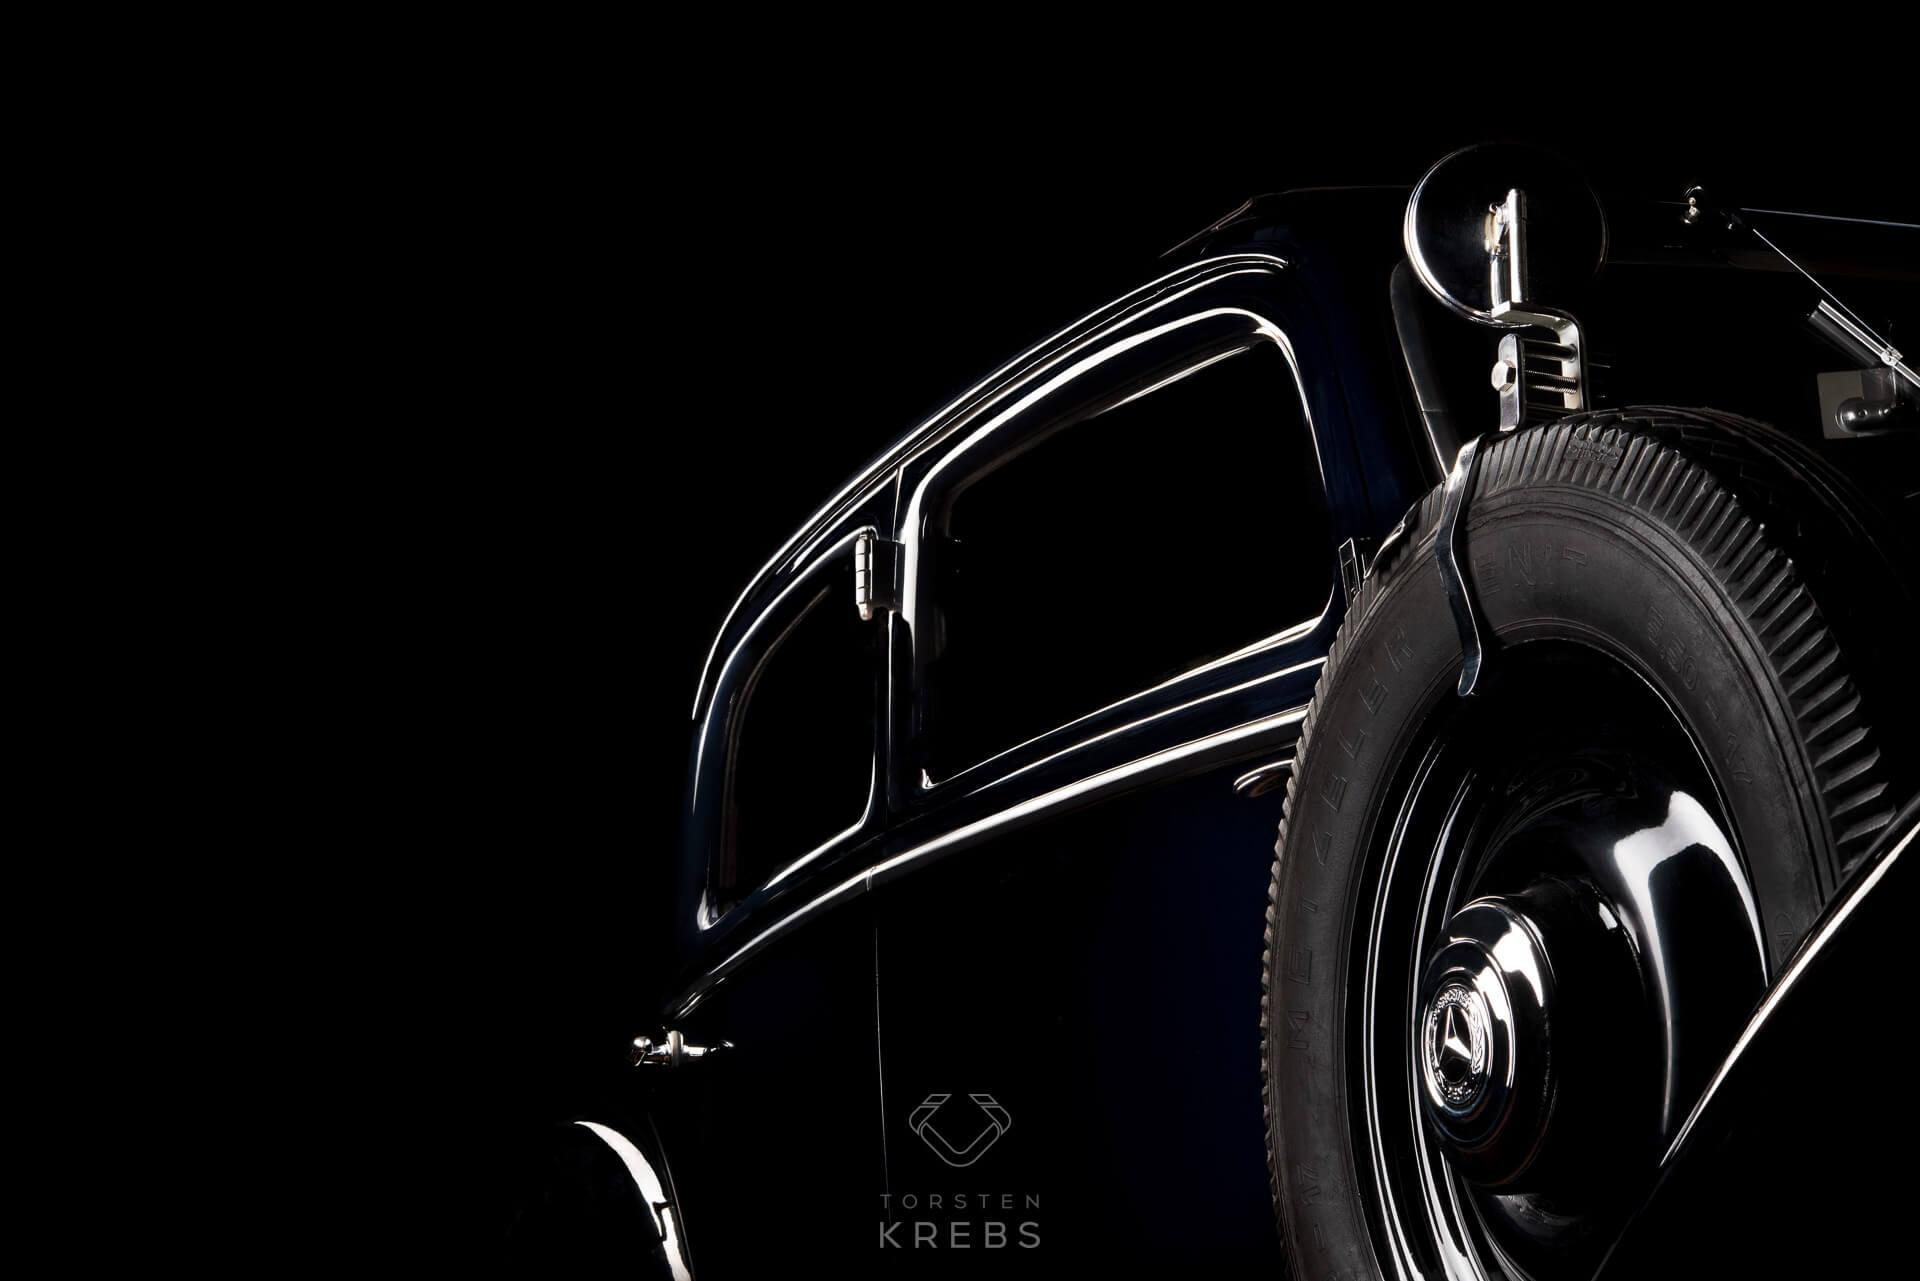 Torsten Krebs Oldtimer Fotografie Mercedes Benz 230 W 143 Baujahr 1936